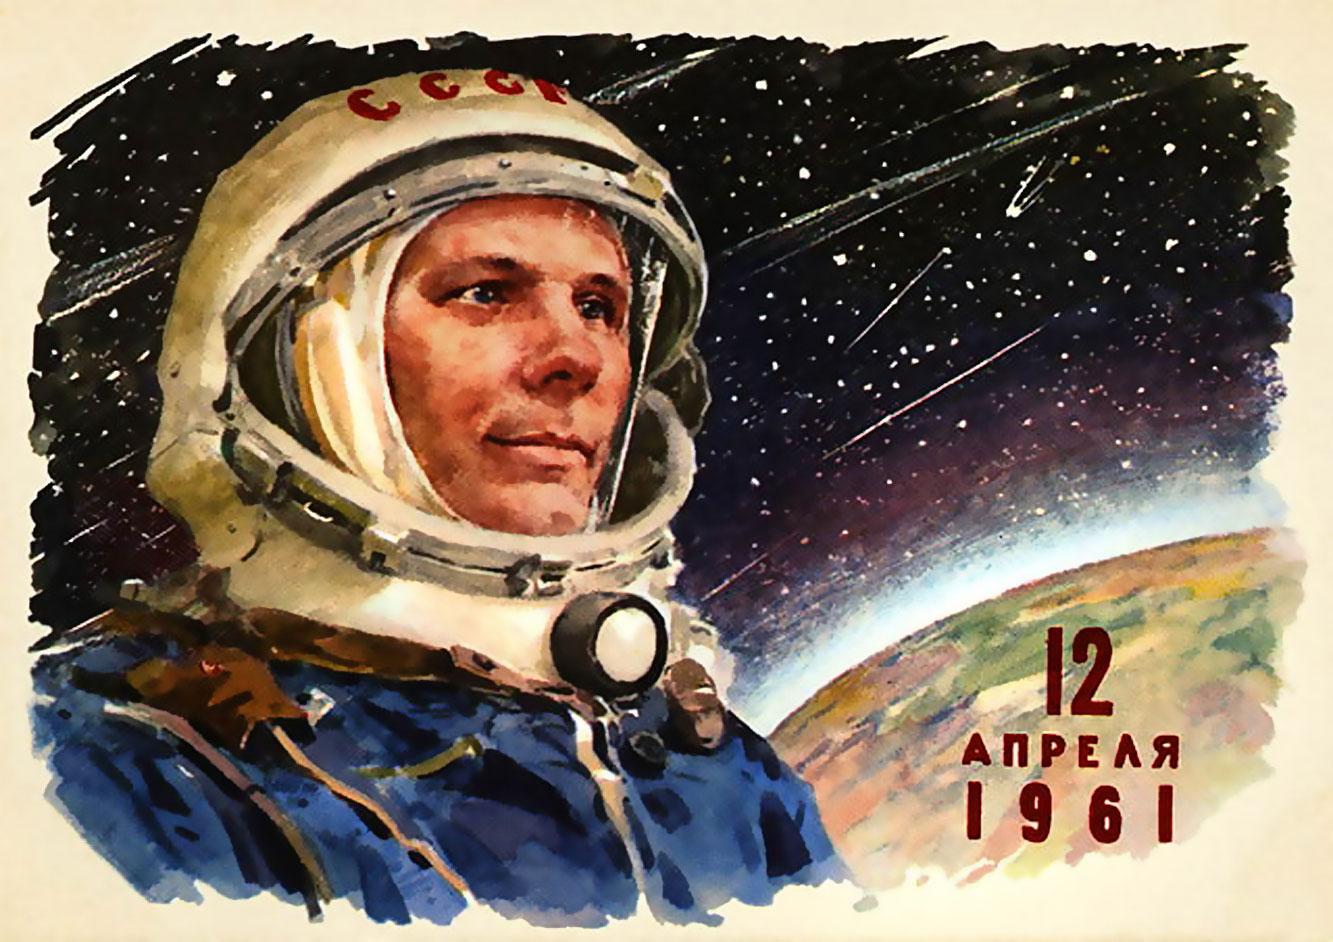 Человек в космосе ретро иллюстрации